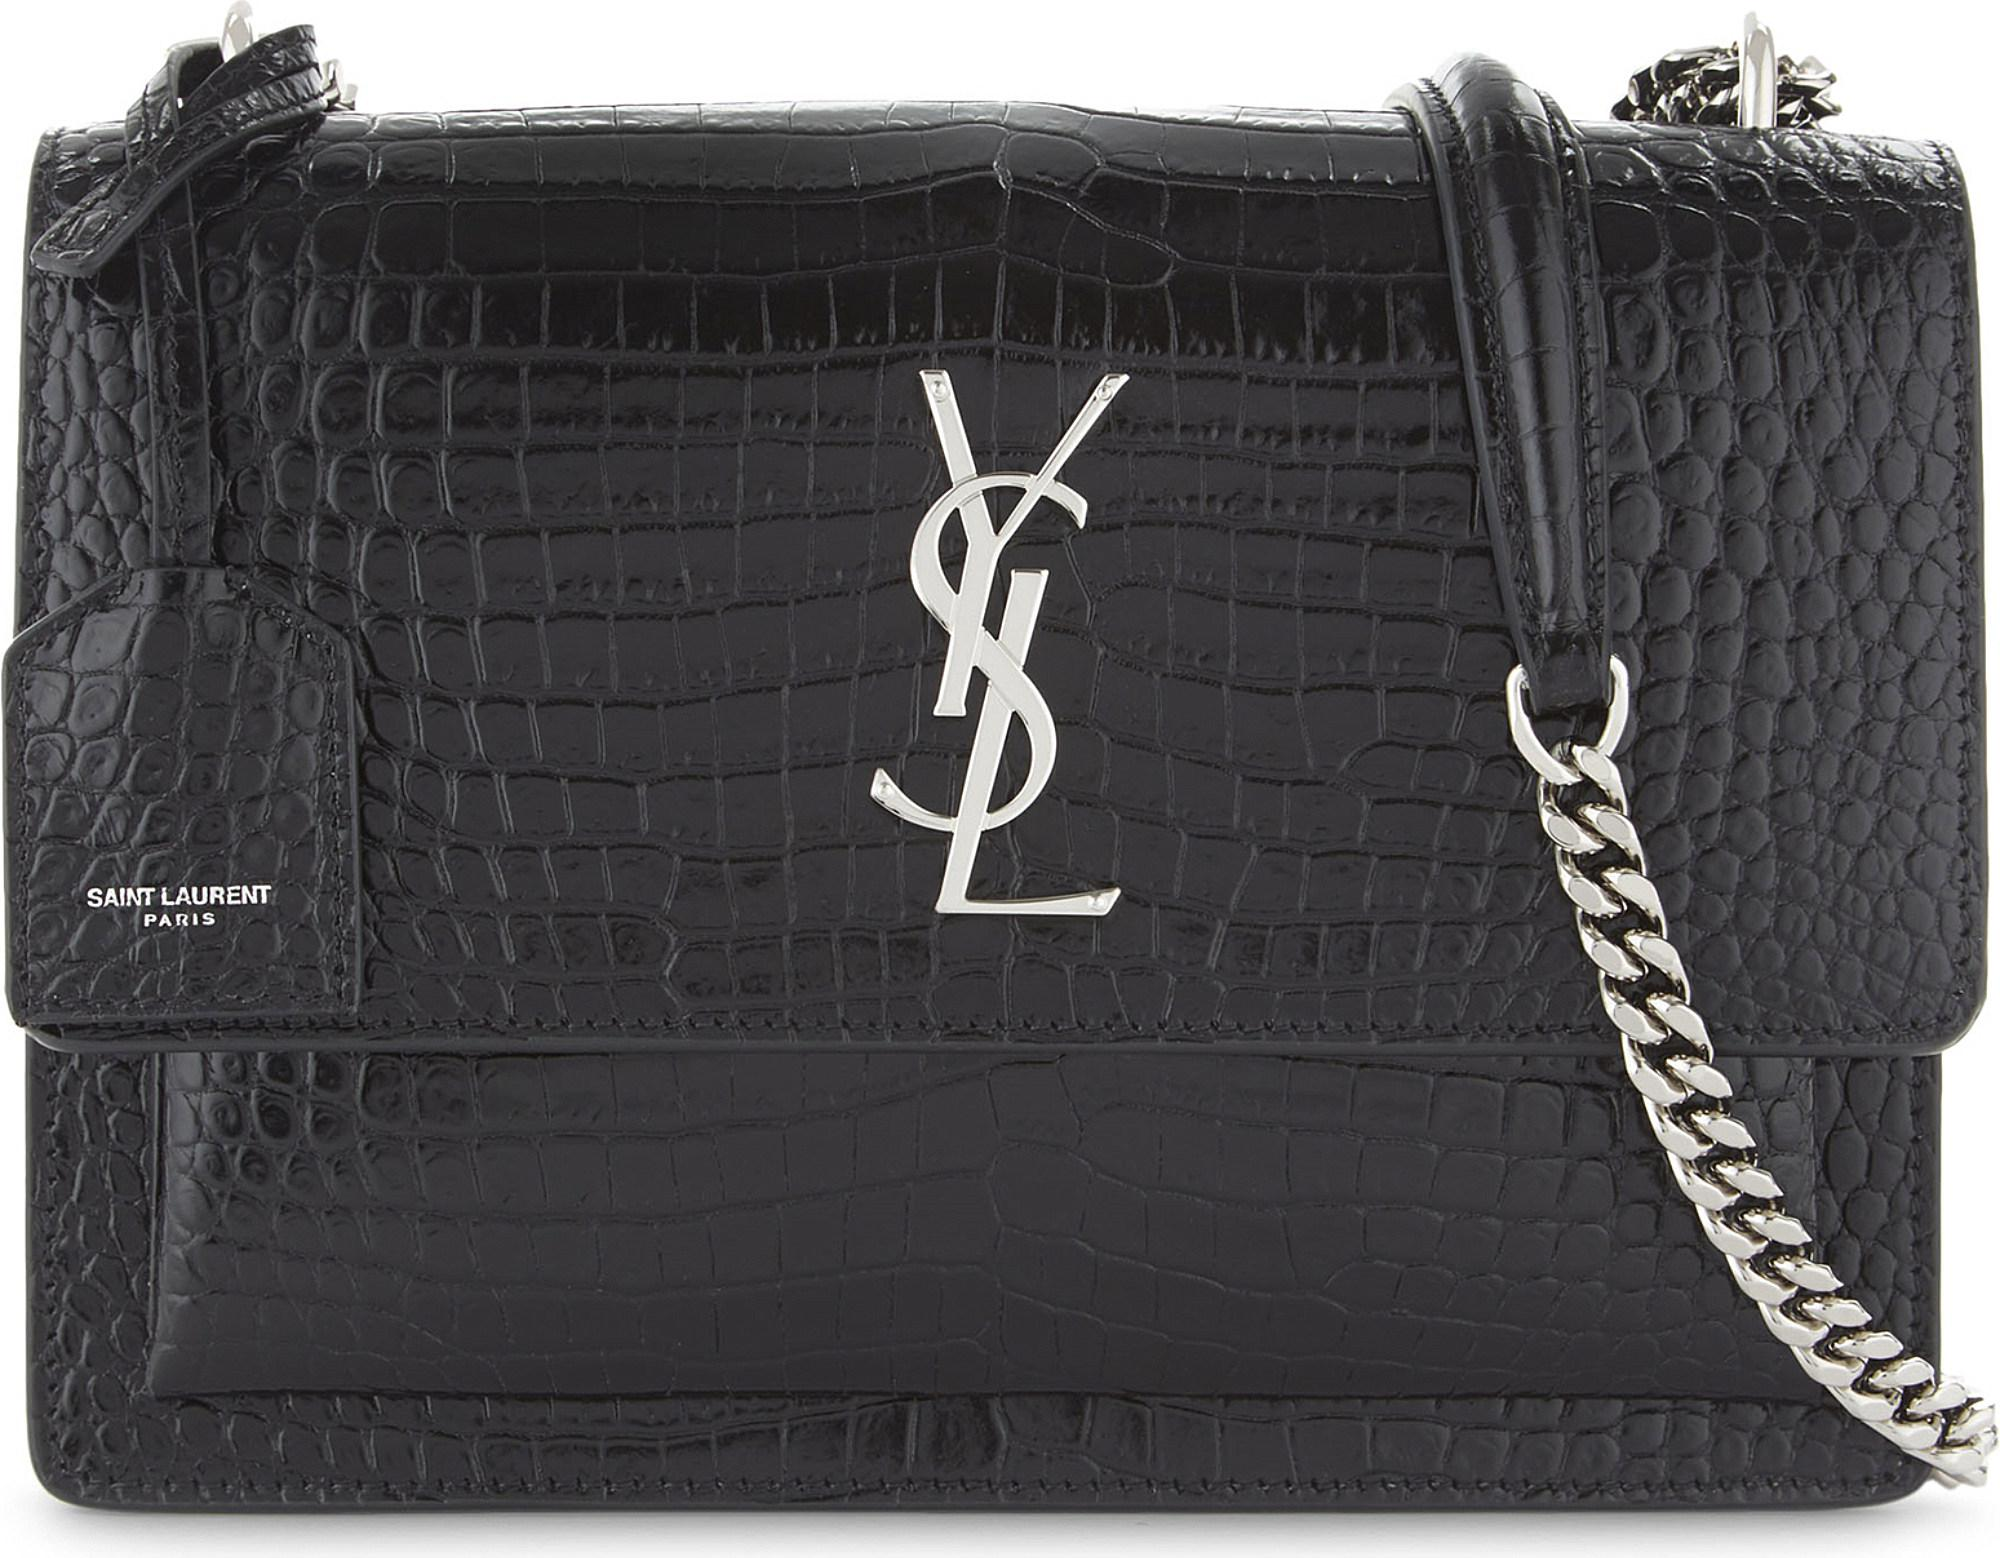 Black Croc Sunset Monogram Leather Shoulder Bag Saint Laurent Sneakernews Online uTG0QsV3C